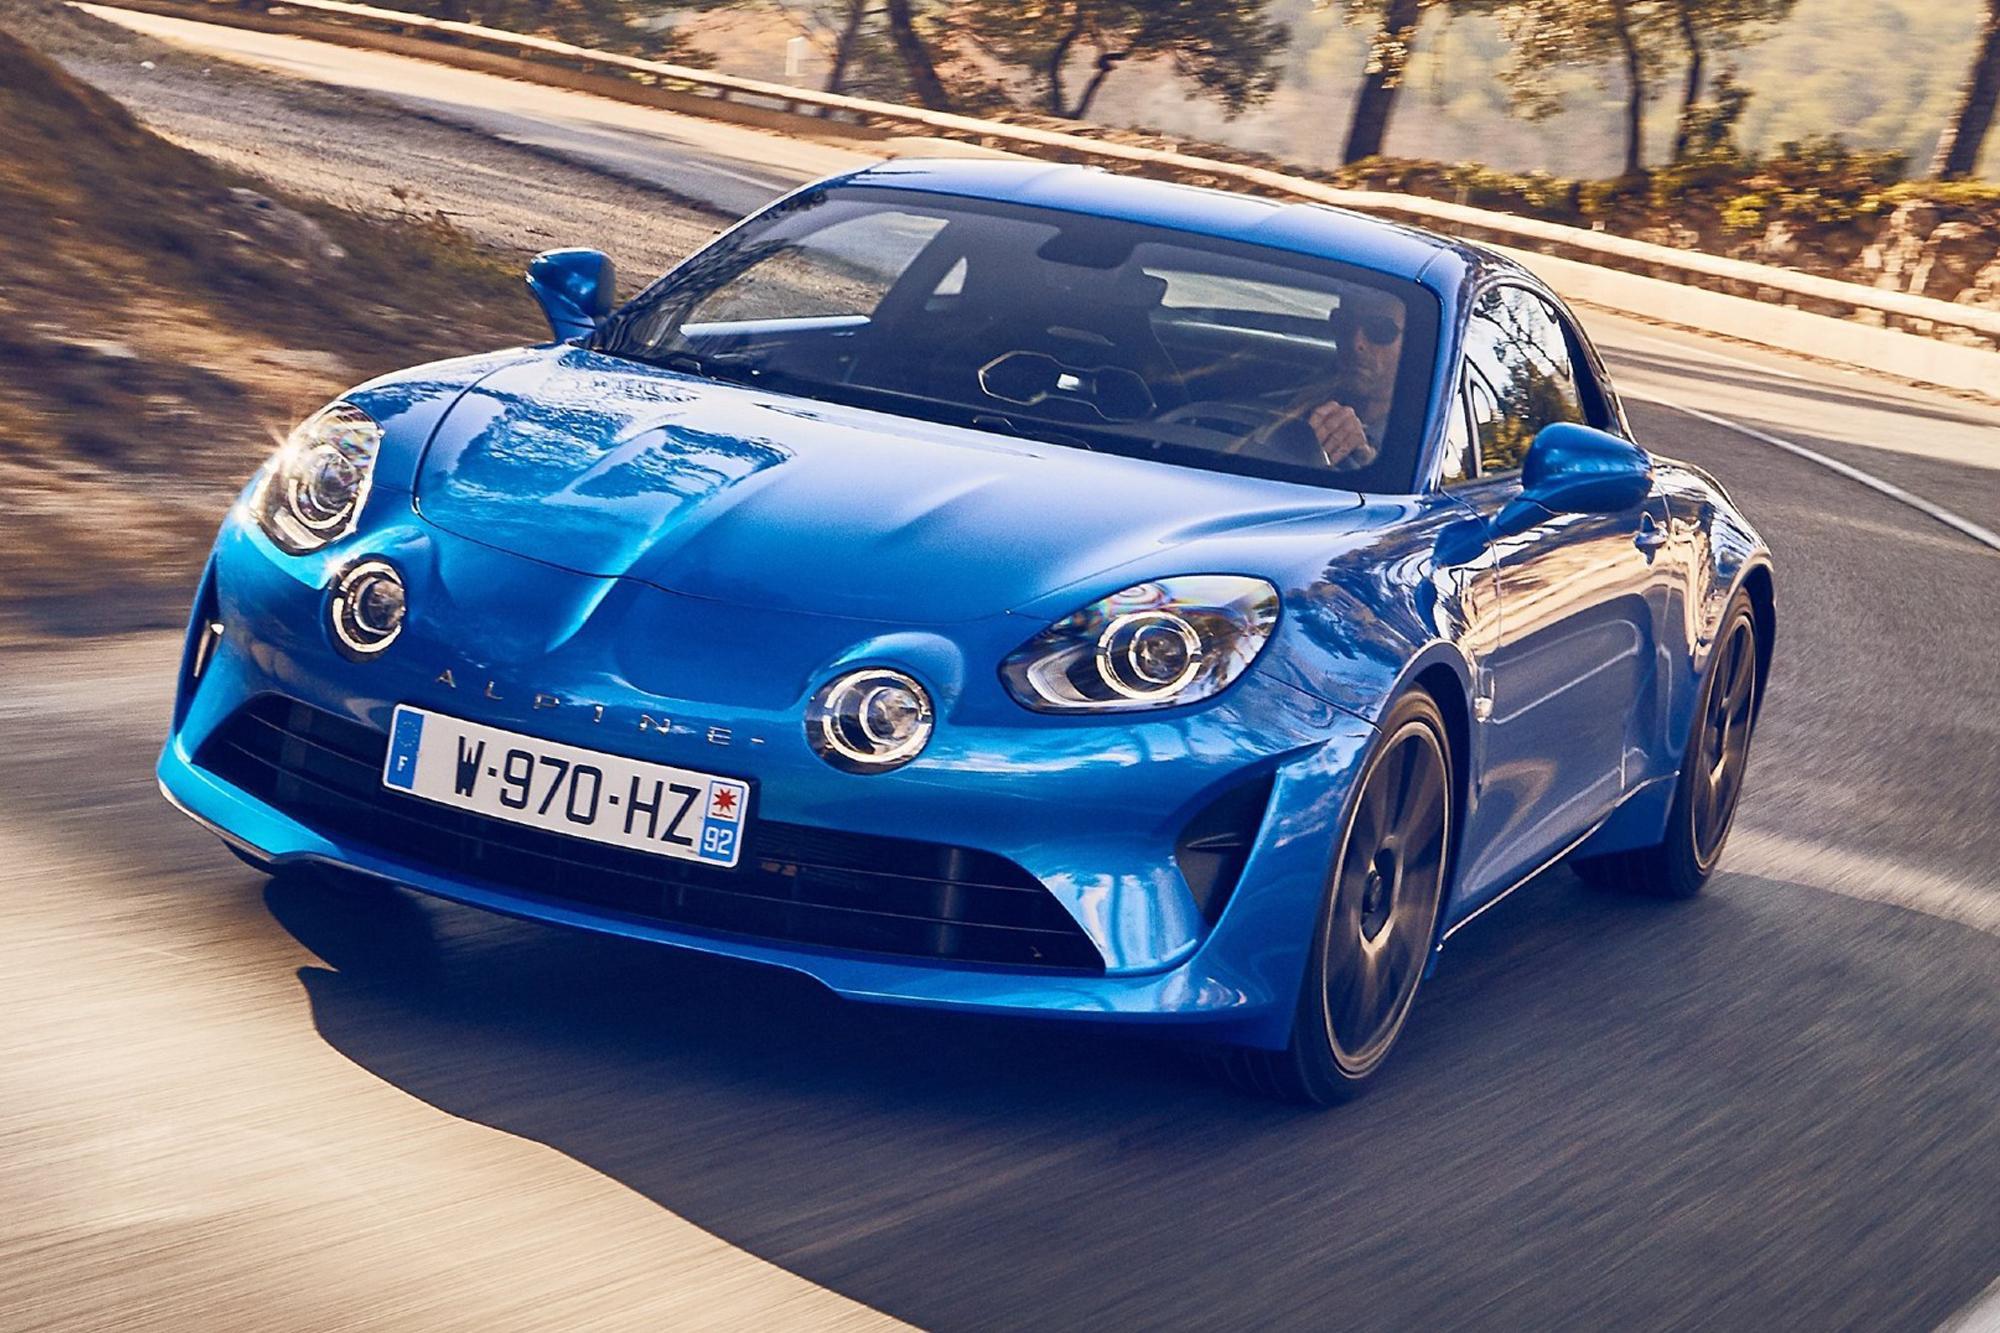 Τα μοντέλα της Renault Sport σύντομα θα φέρουν σήματα της Alpine